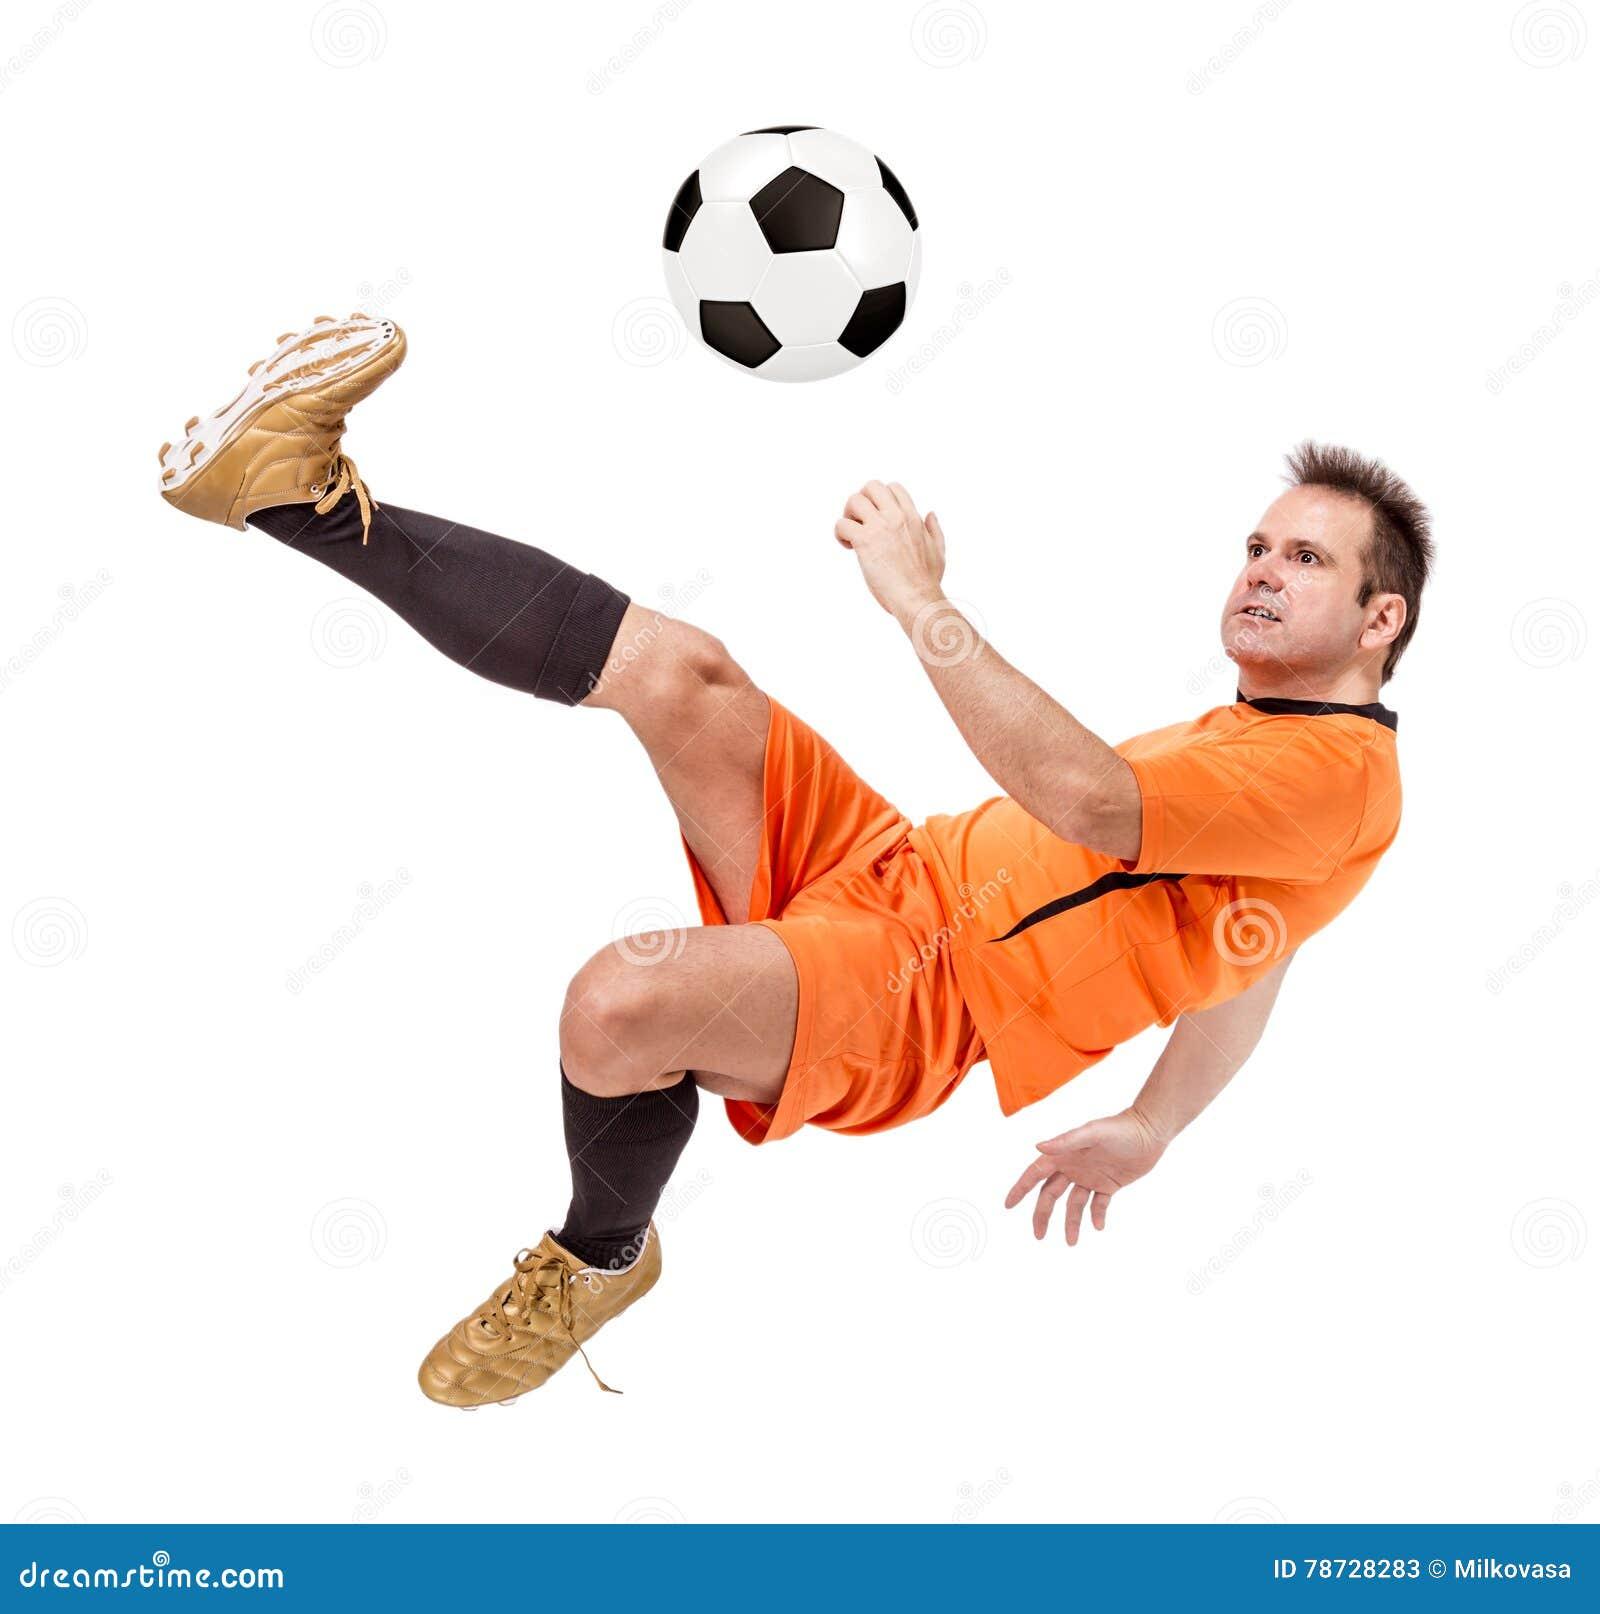 Fotbollfotbollsspelare som sparkar bollen